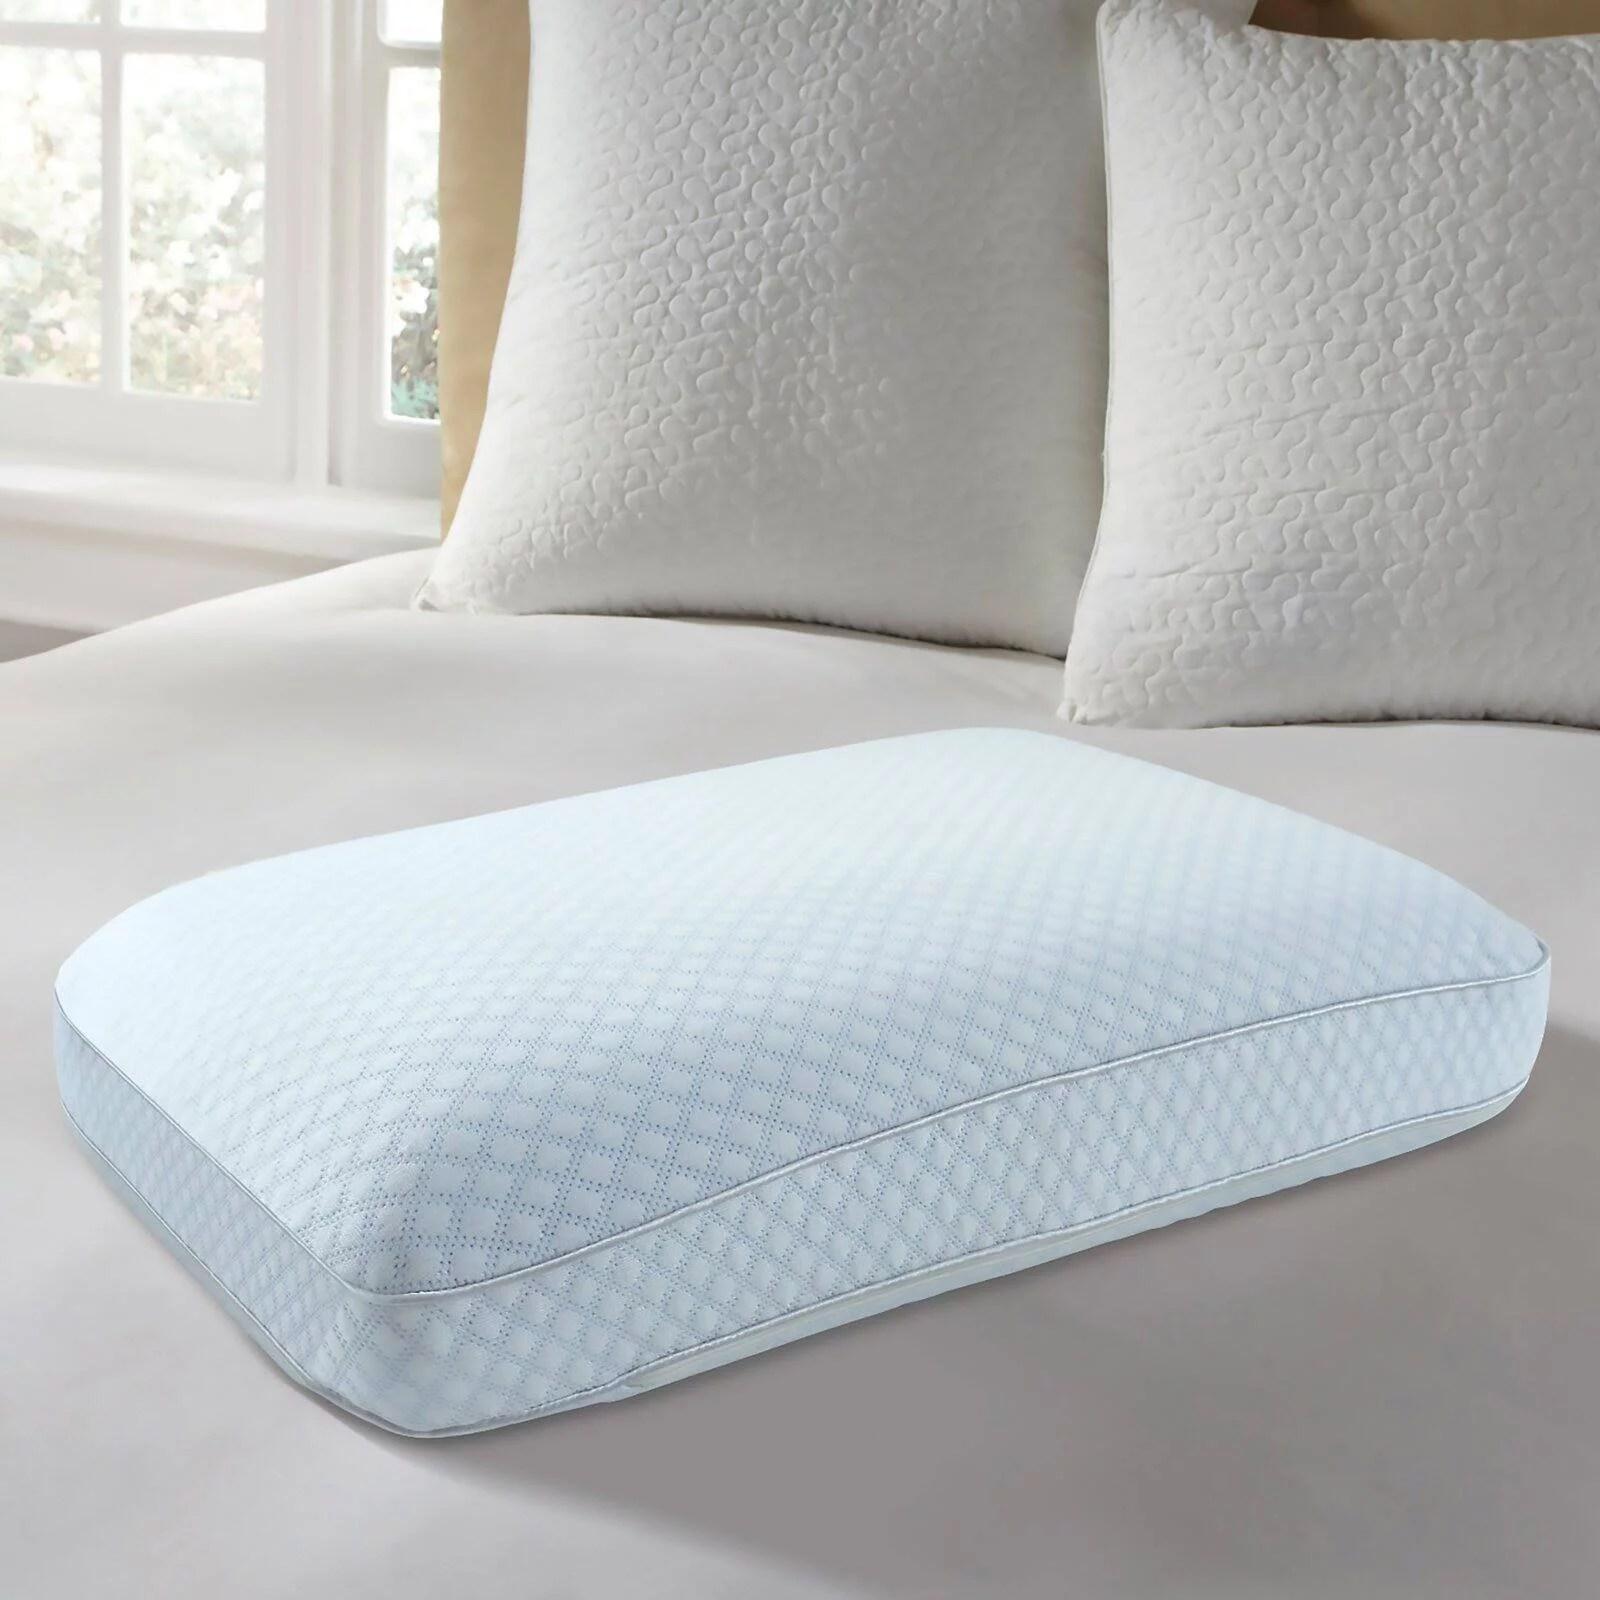 cooling pillows walmart com